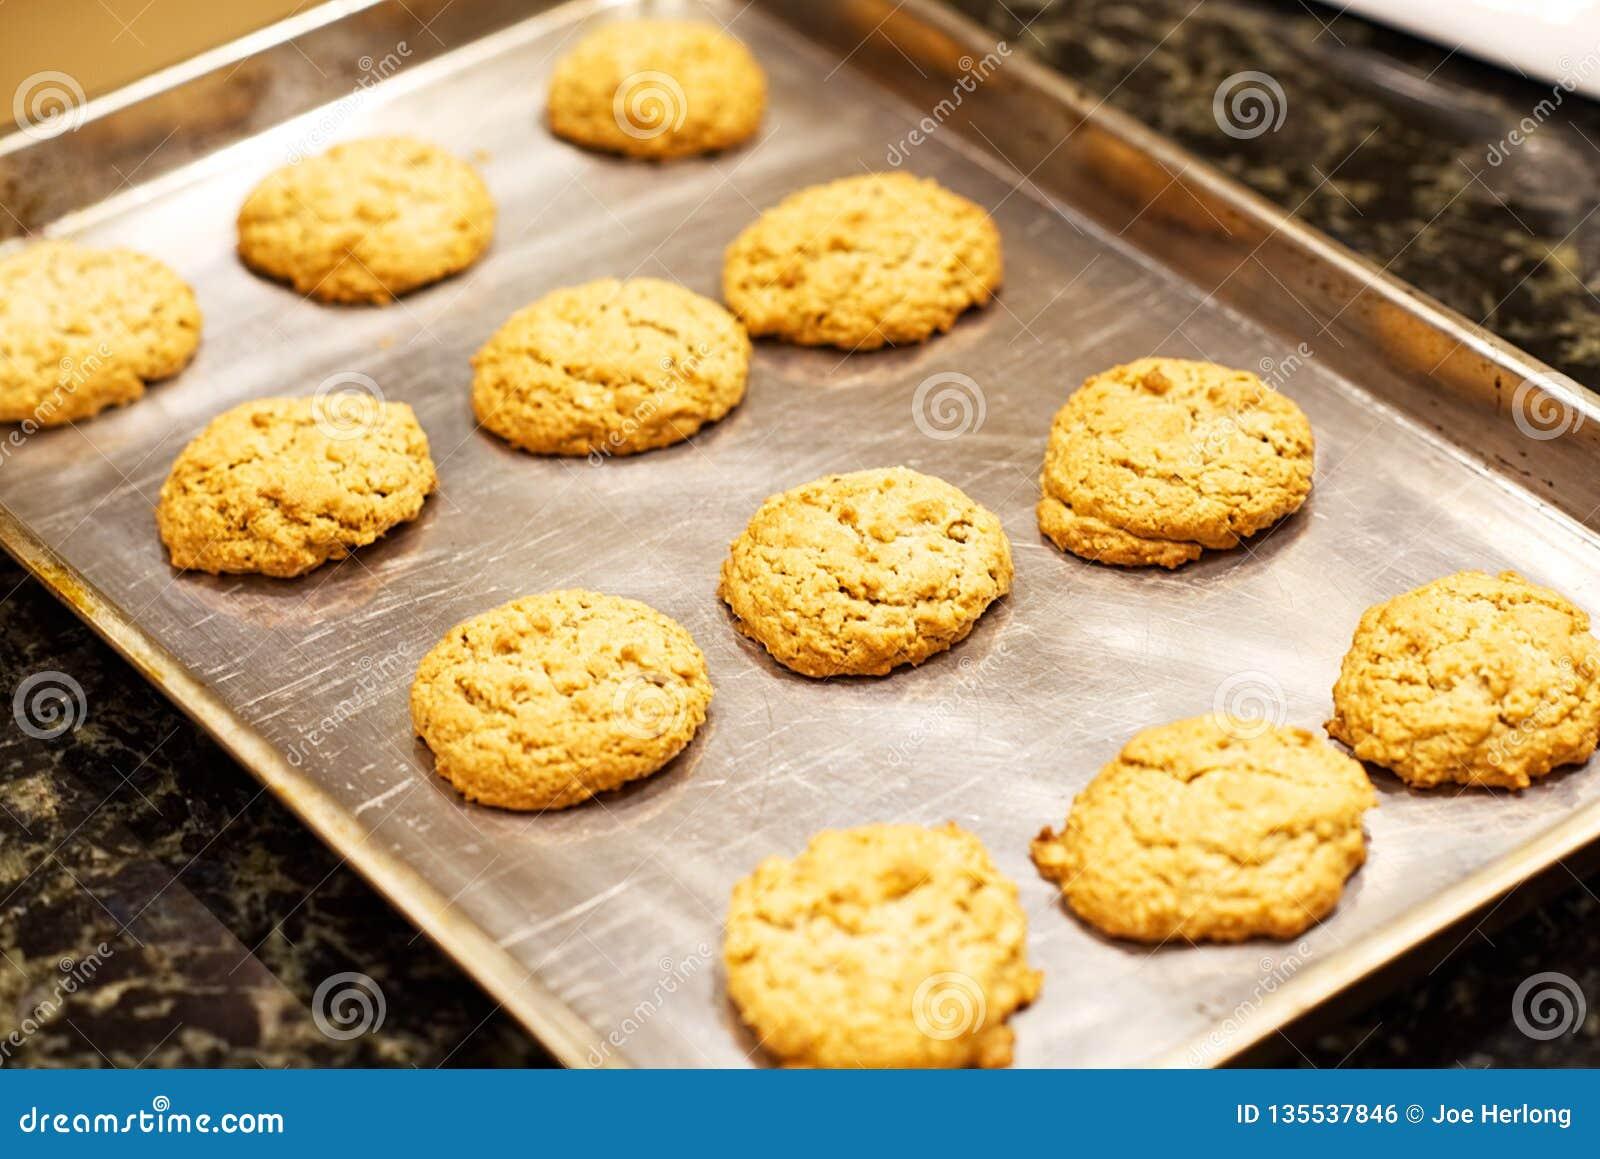 Un primer de una cacerola de galletas de harina de avena hechas en casa con una nuez inglesa en el top